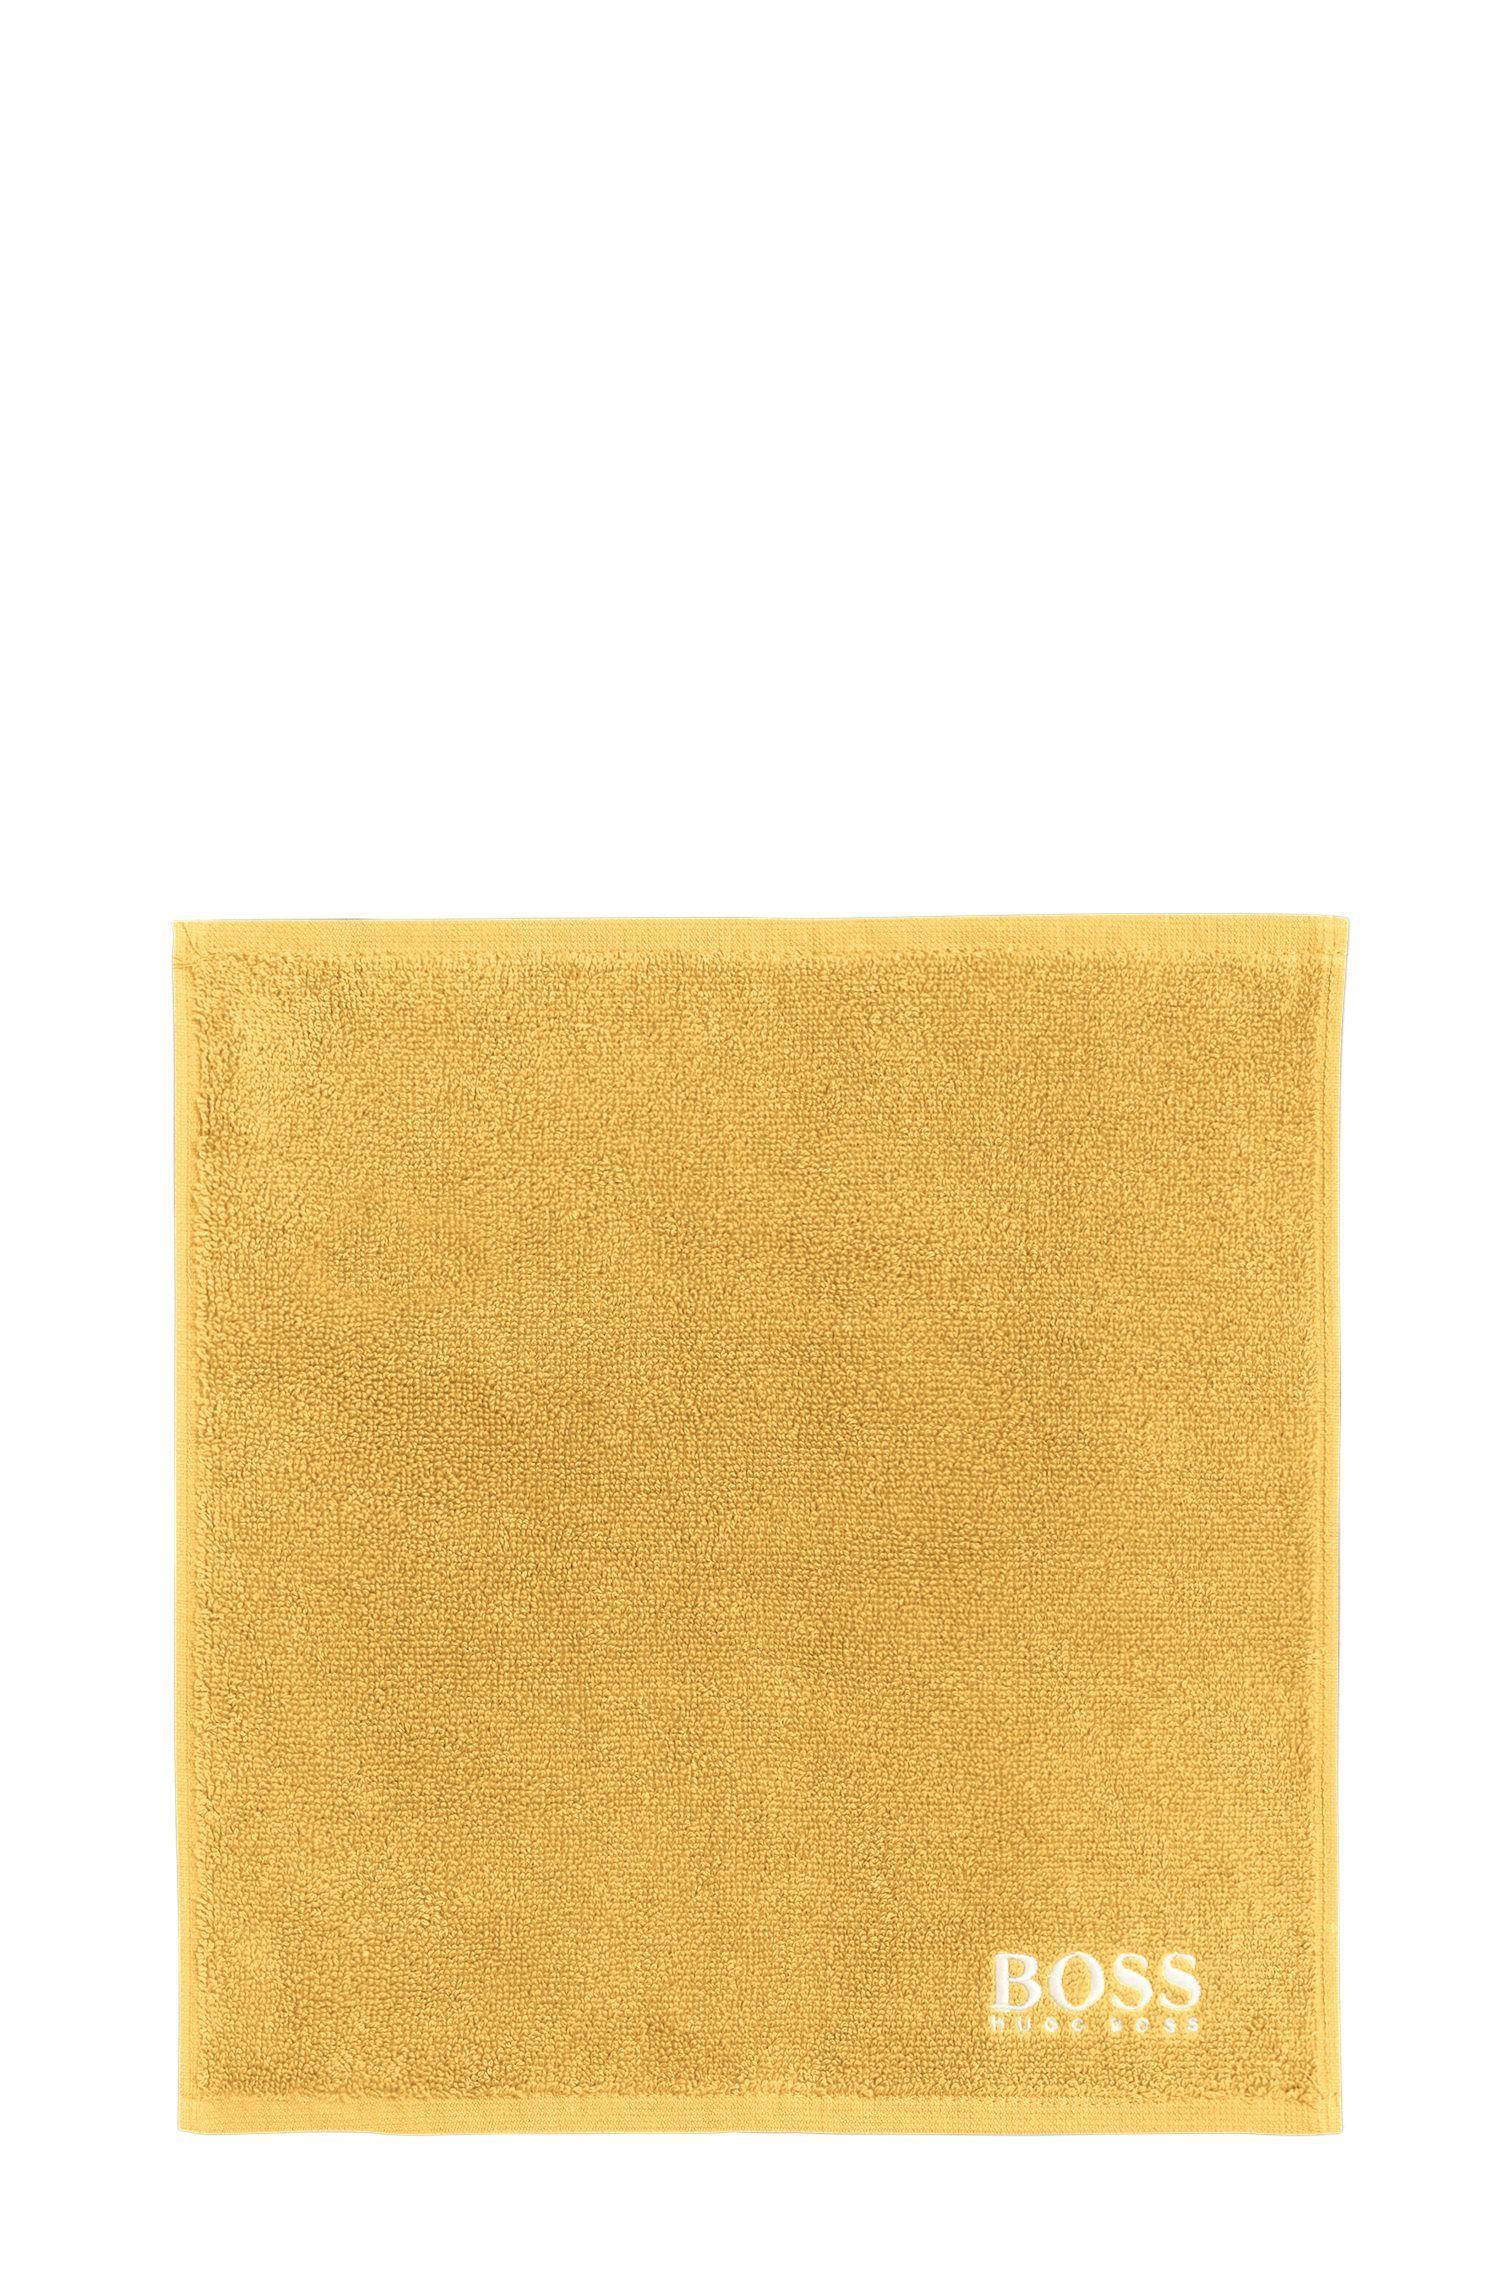 Serviette de toilette pour le visage en coton égyptien des plus raffinés avec logo brodé, Or